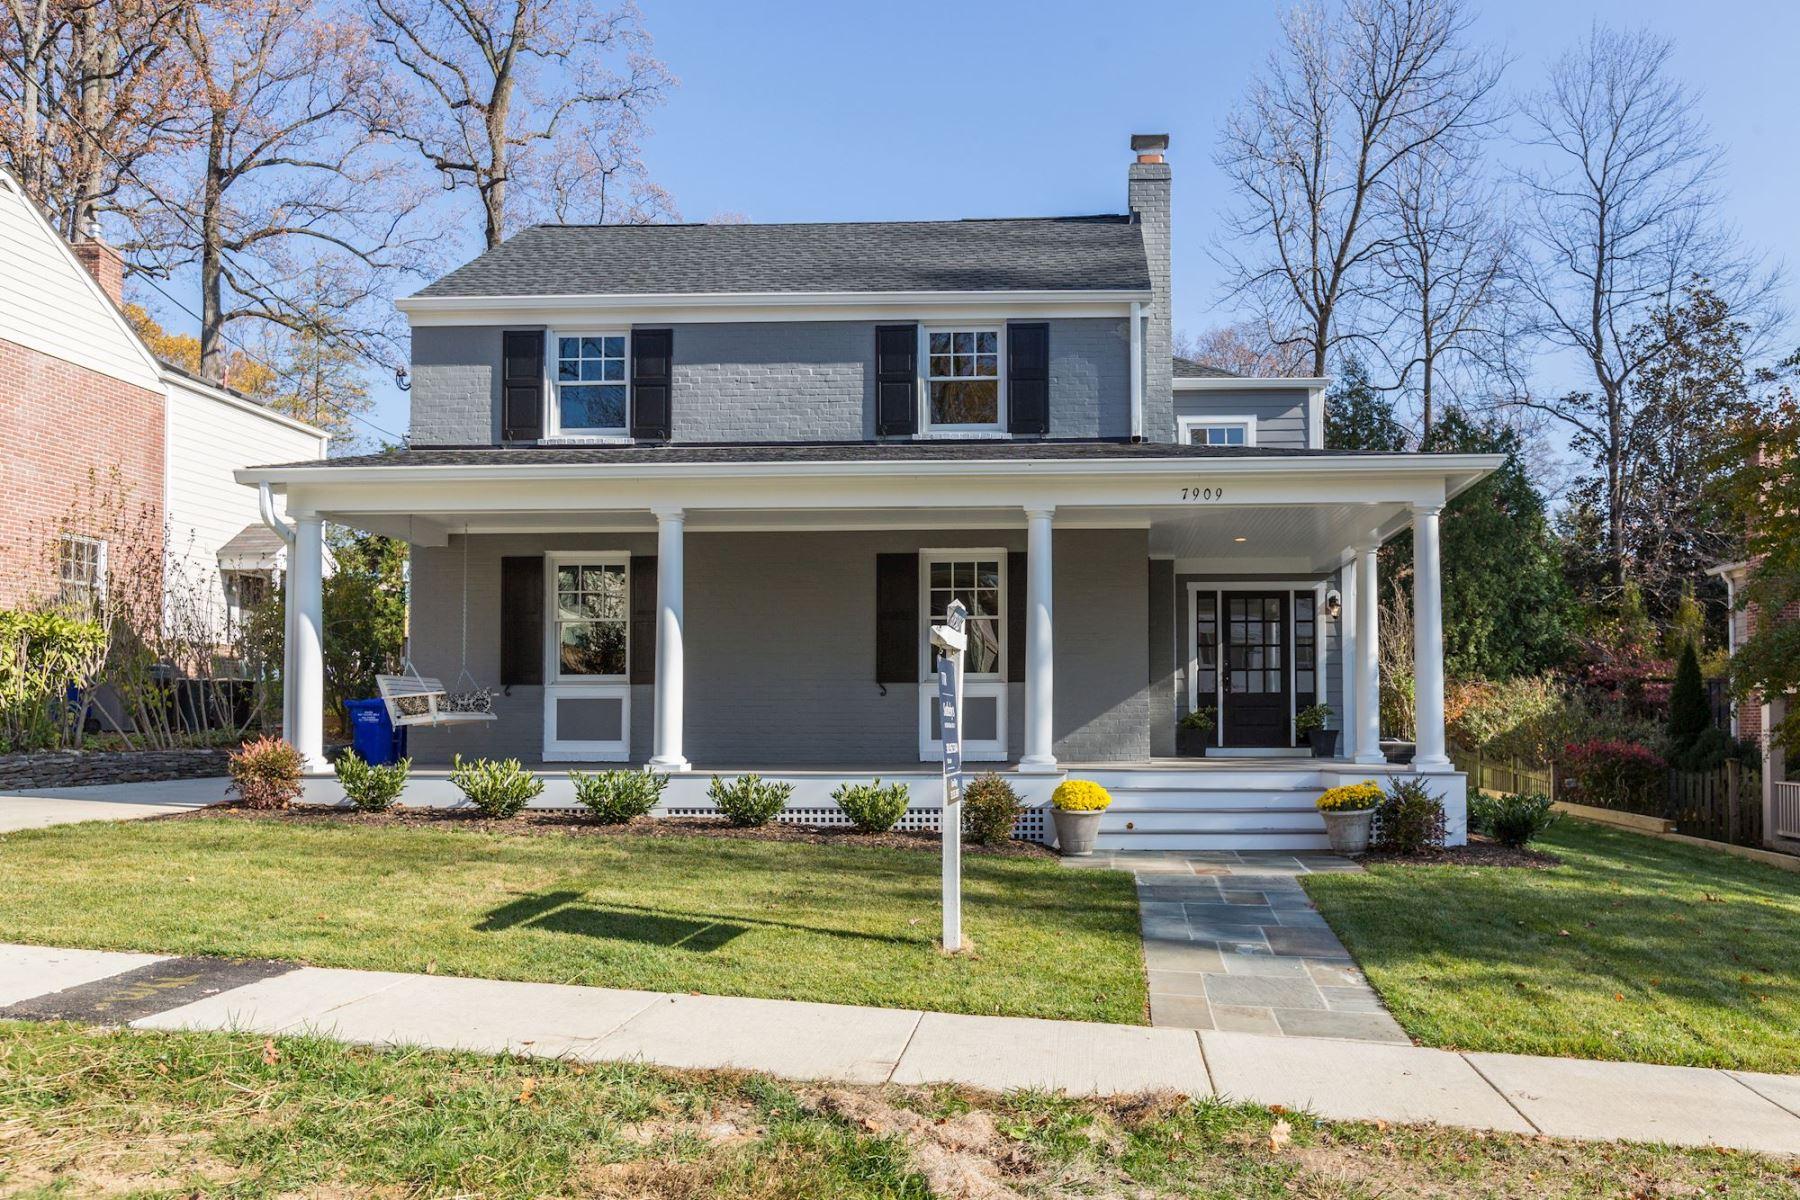 단독 가정 주택 용 매매 에 7909 Lynbrook Drive, Bethesda Bethesda, 메릴랜드, 20814 미국